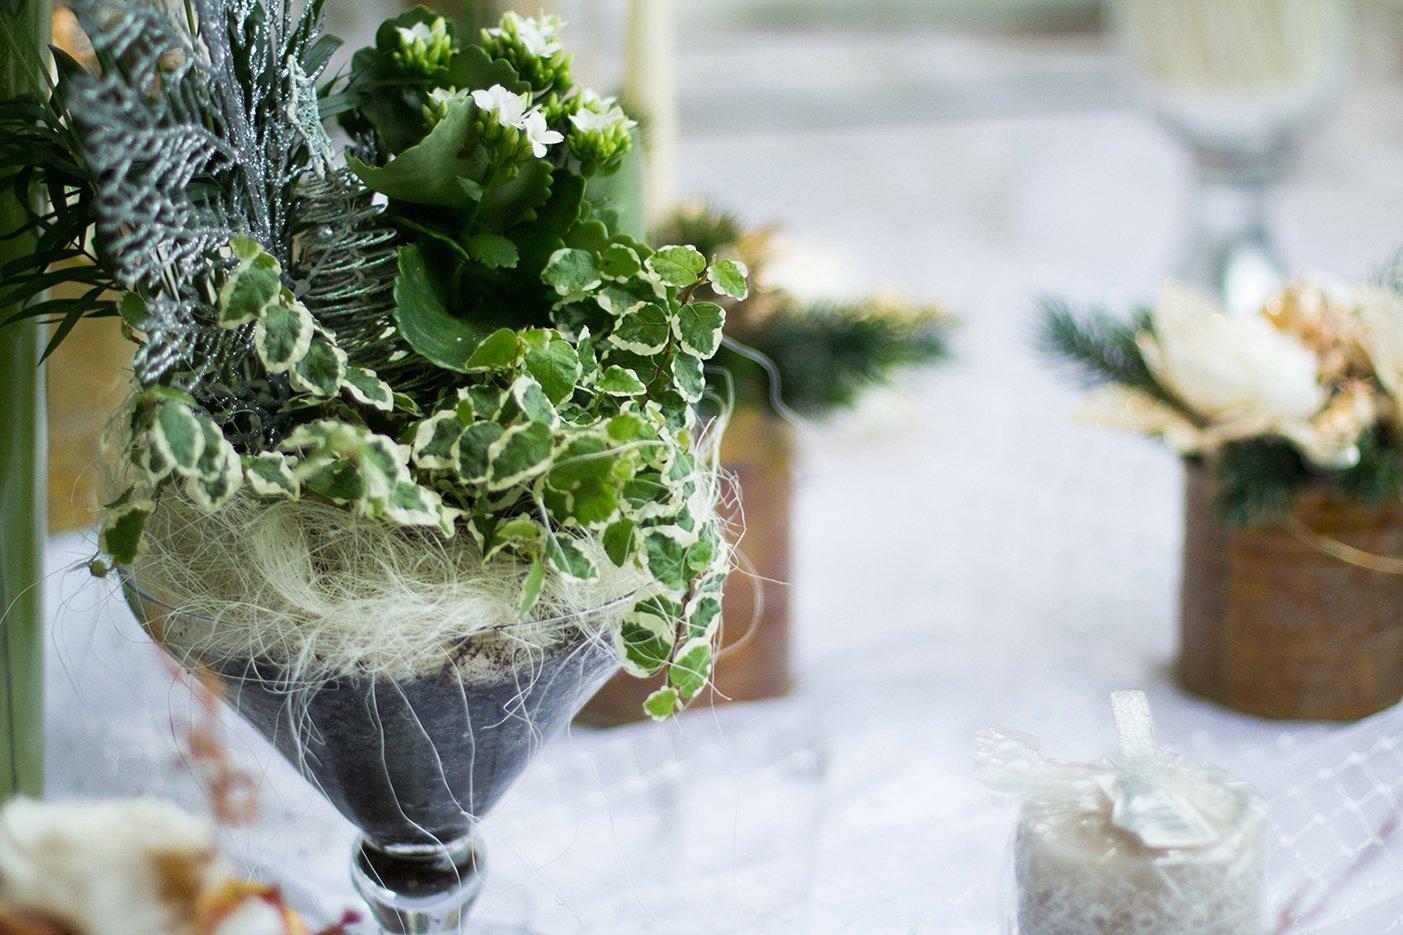 Vaso con composizione verde